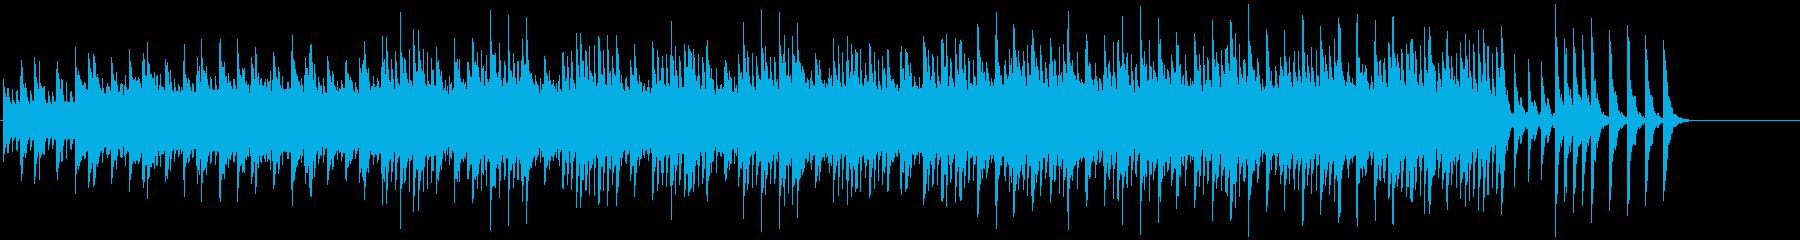 浮遊感のあるドキュメント風環境/BGの再生済みの波形